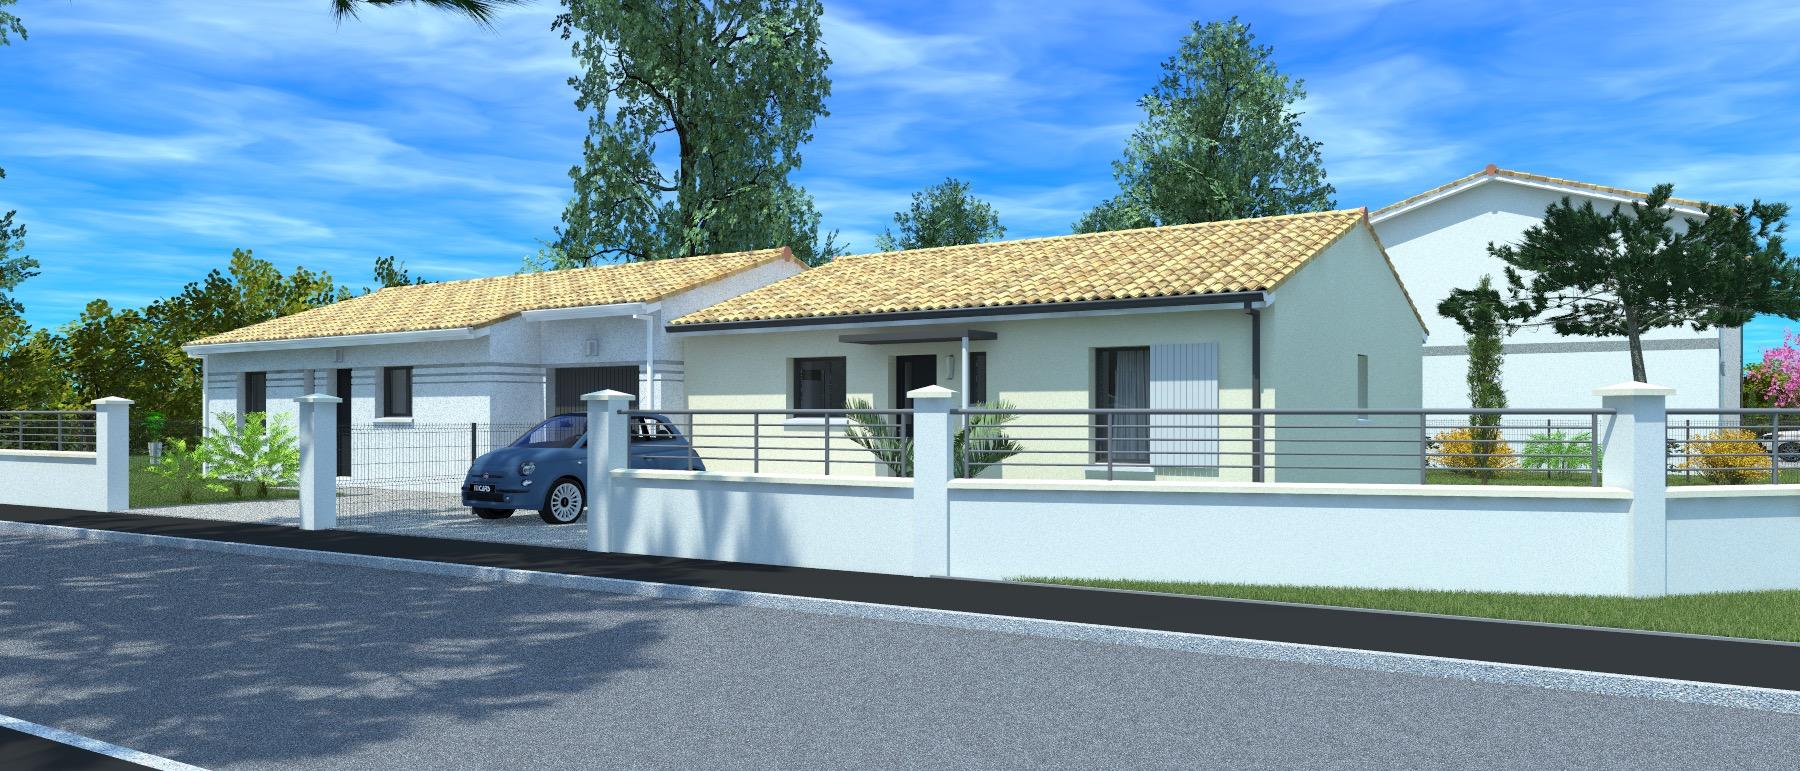 Maisons + Terrains du constructeur HEXHA CONSTRUCTION • 86 m² • LIBOURNE